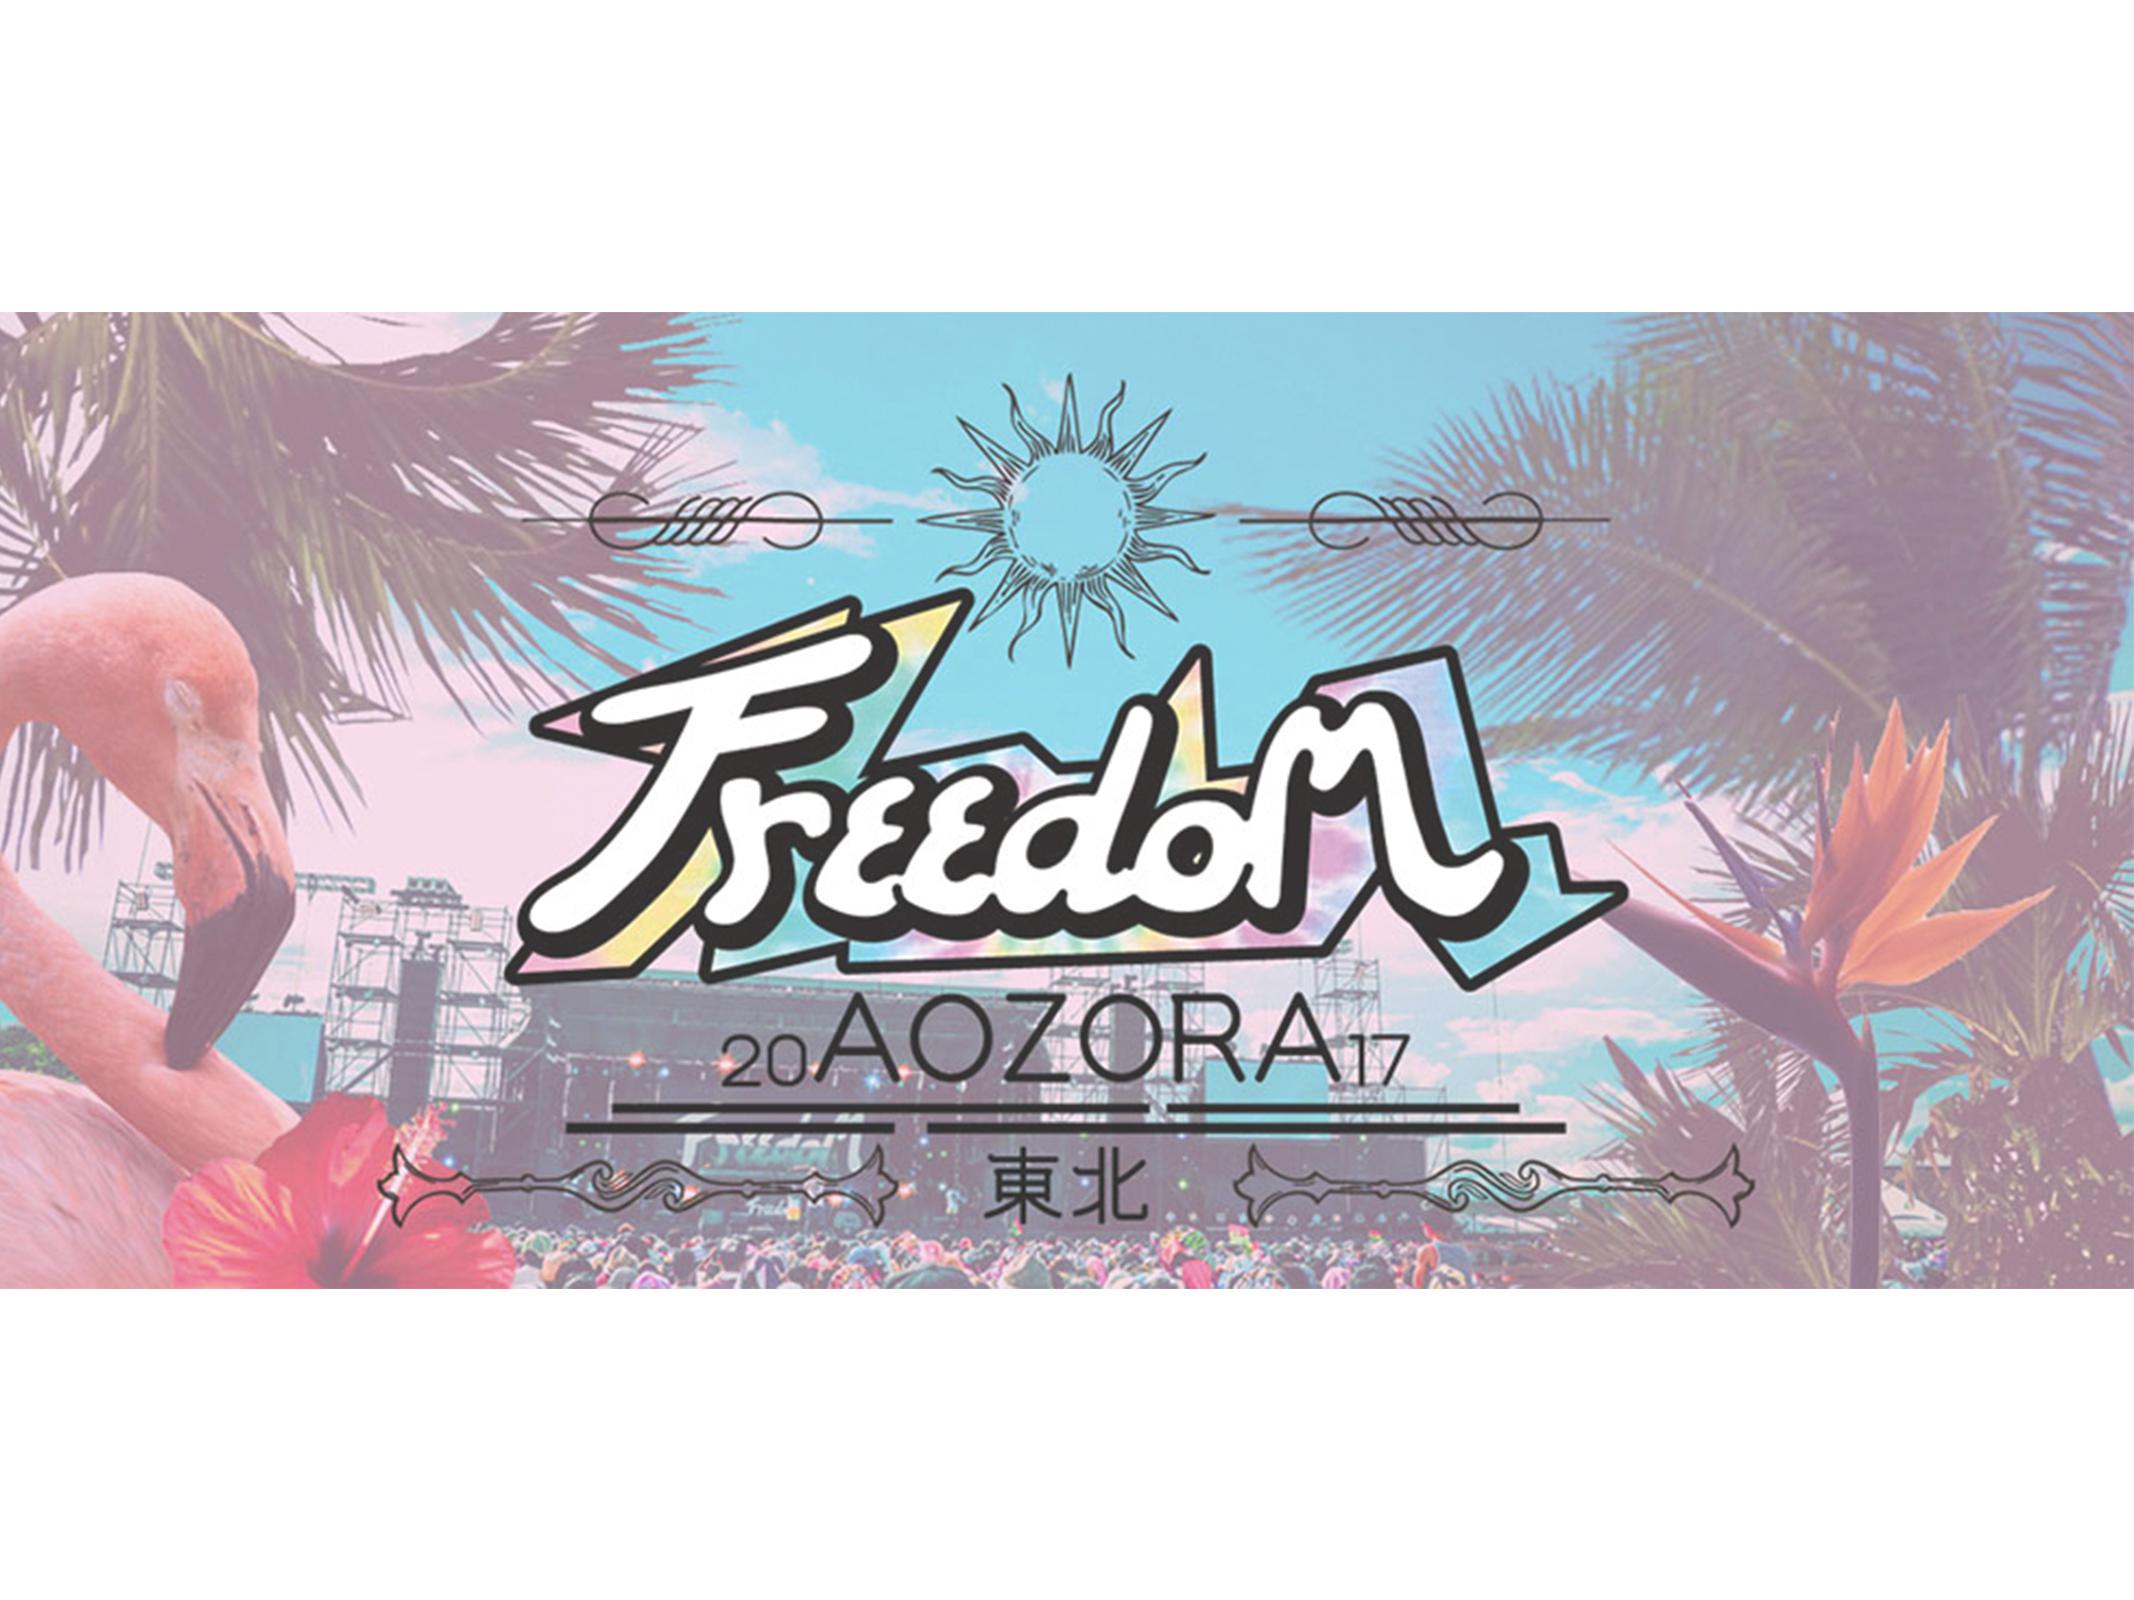 『山元TIME』FREEDOM東北公演にブース出店します!